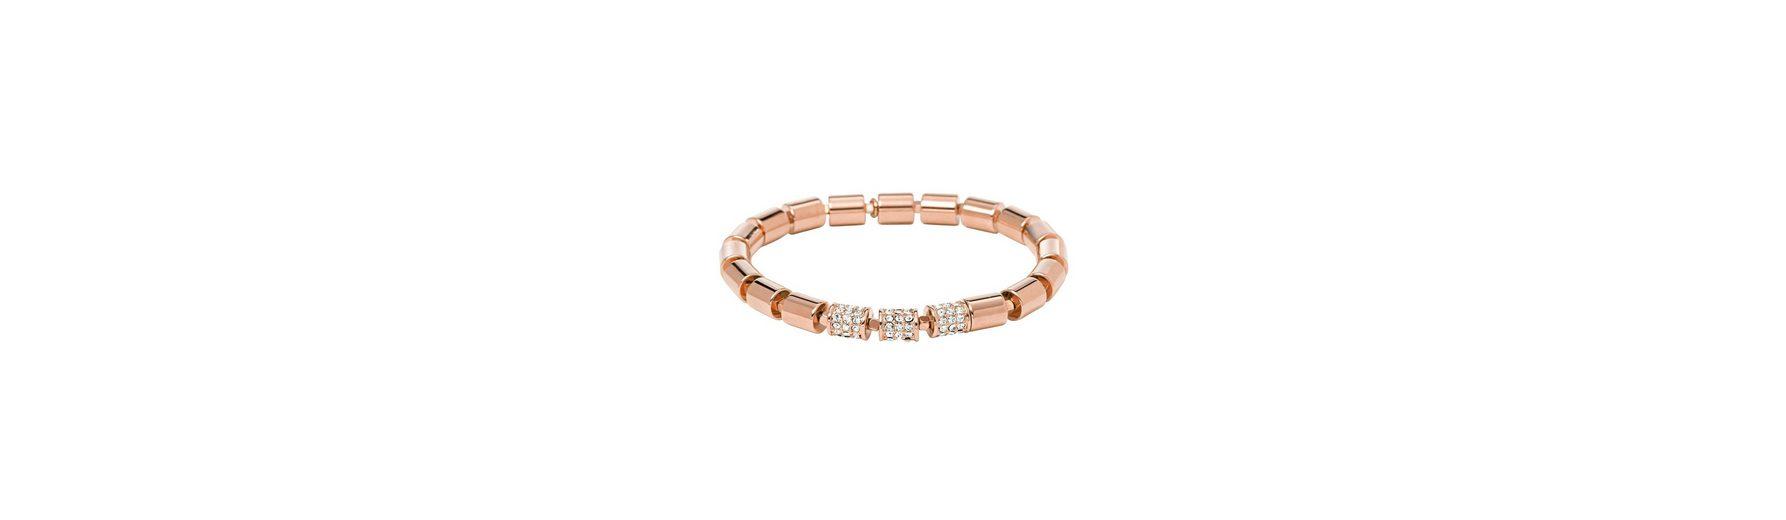 Armband, »JA6544791«, Fossil